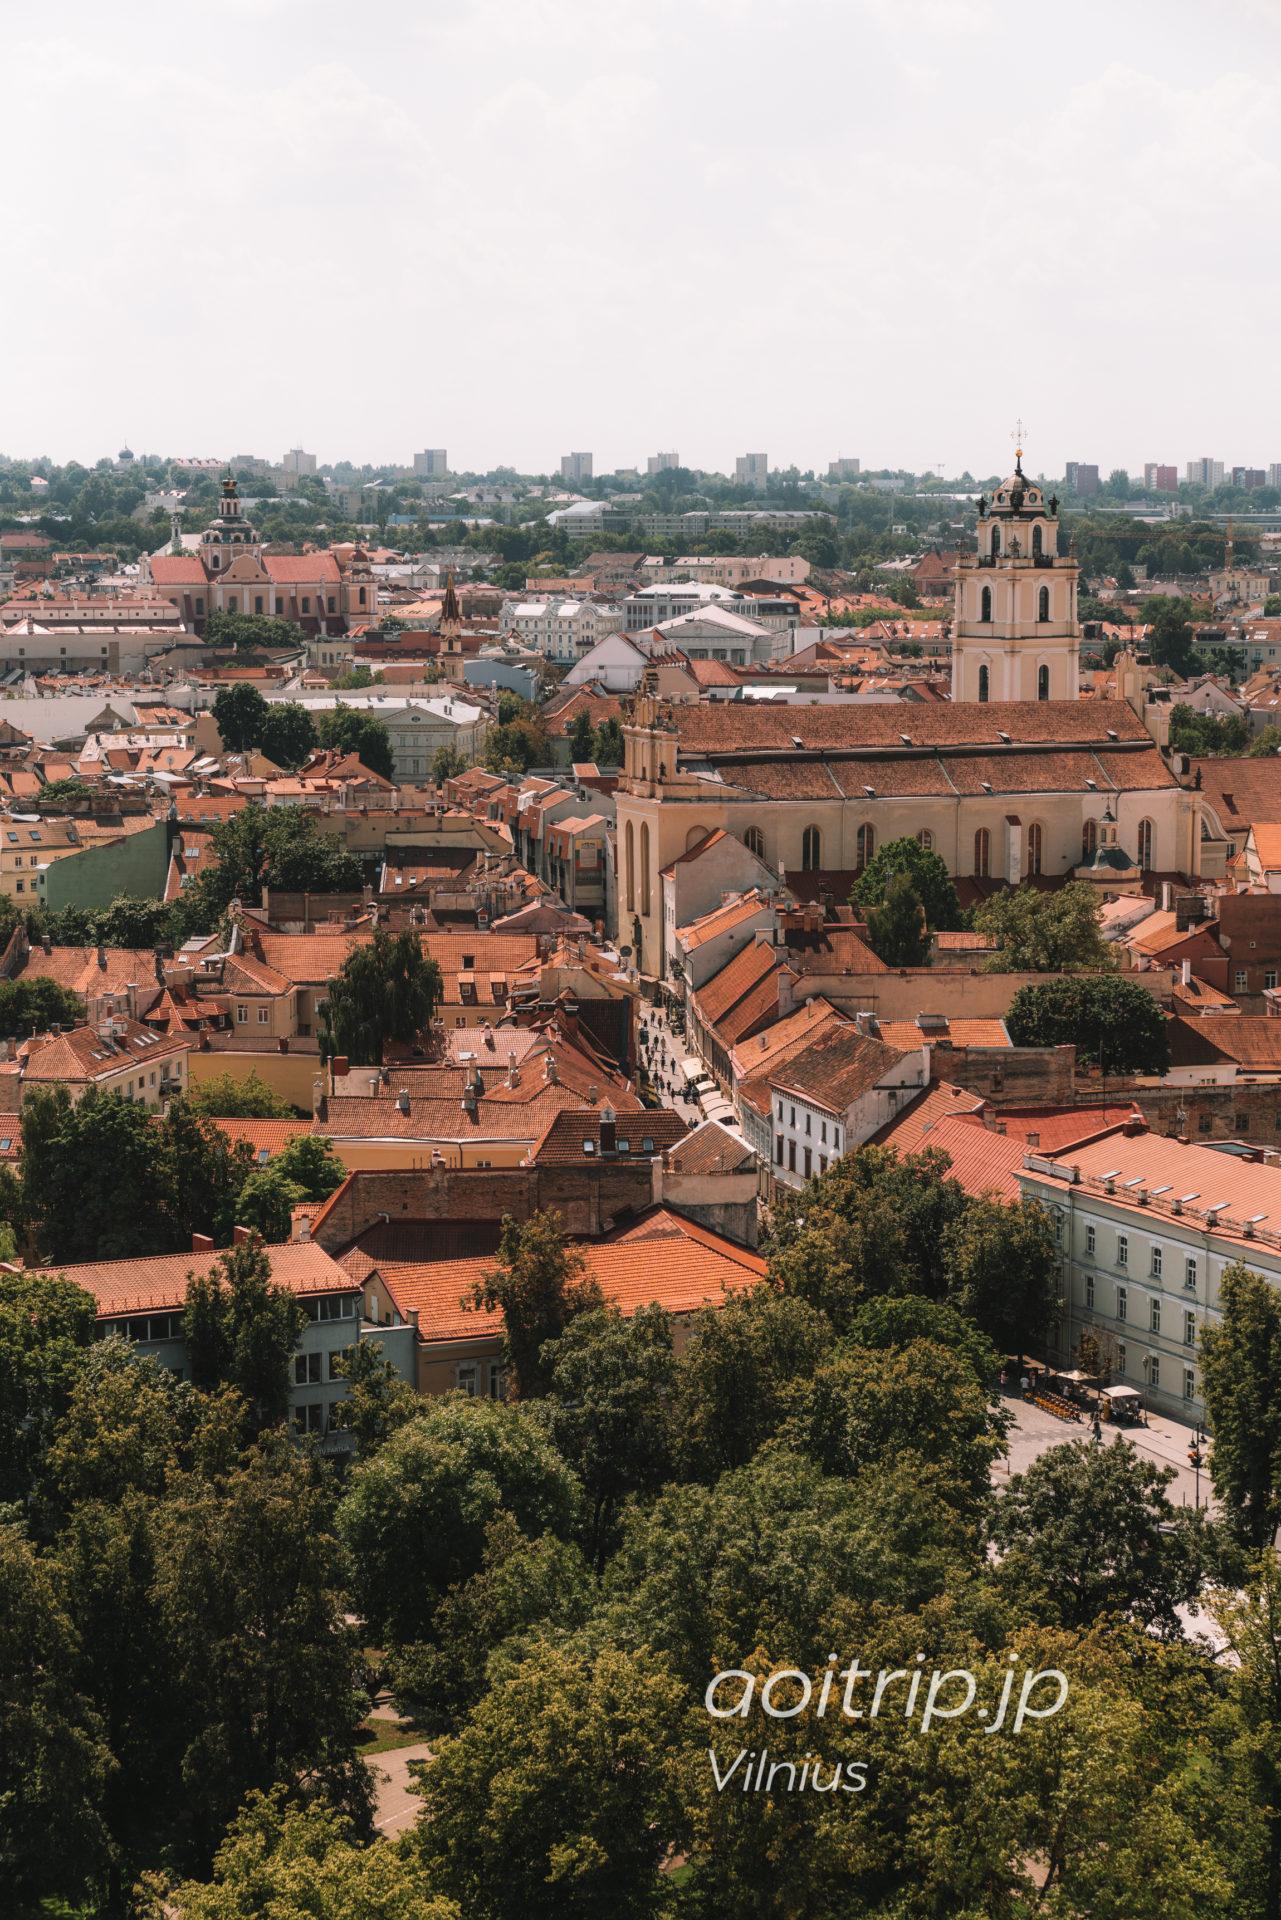 リトアニア ヴィリニュスのゲディミナス塔 からの眺望